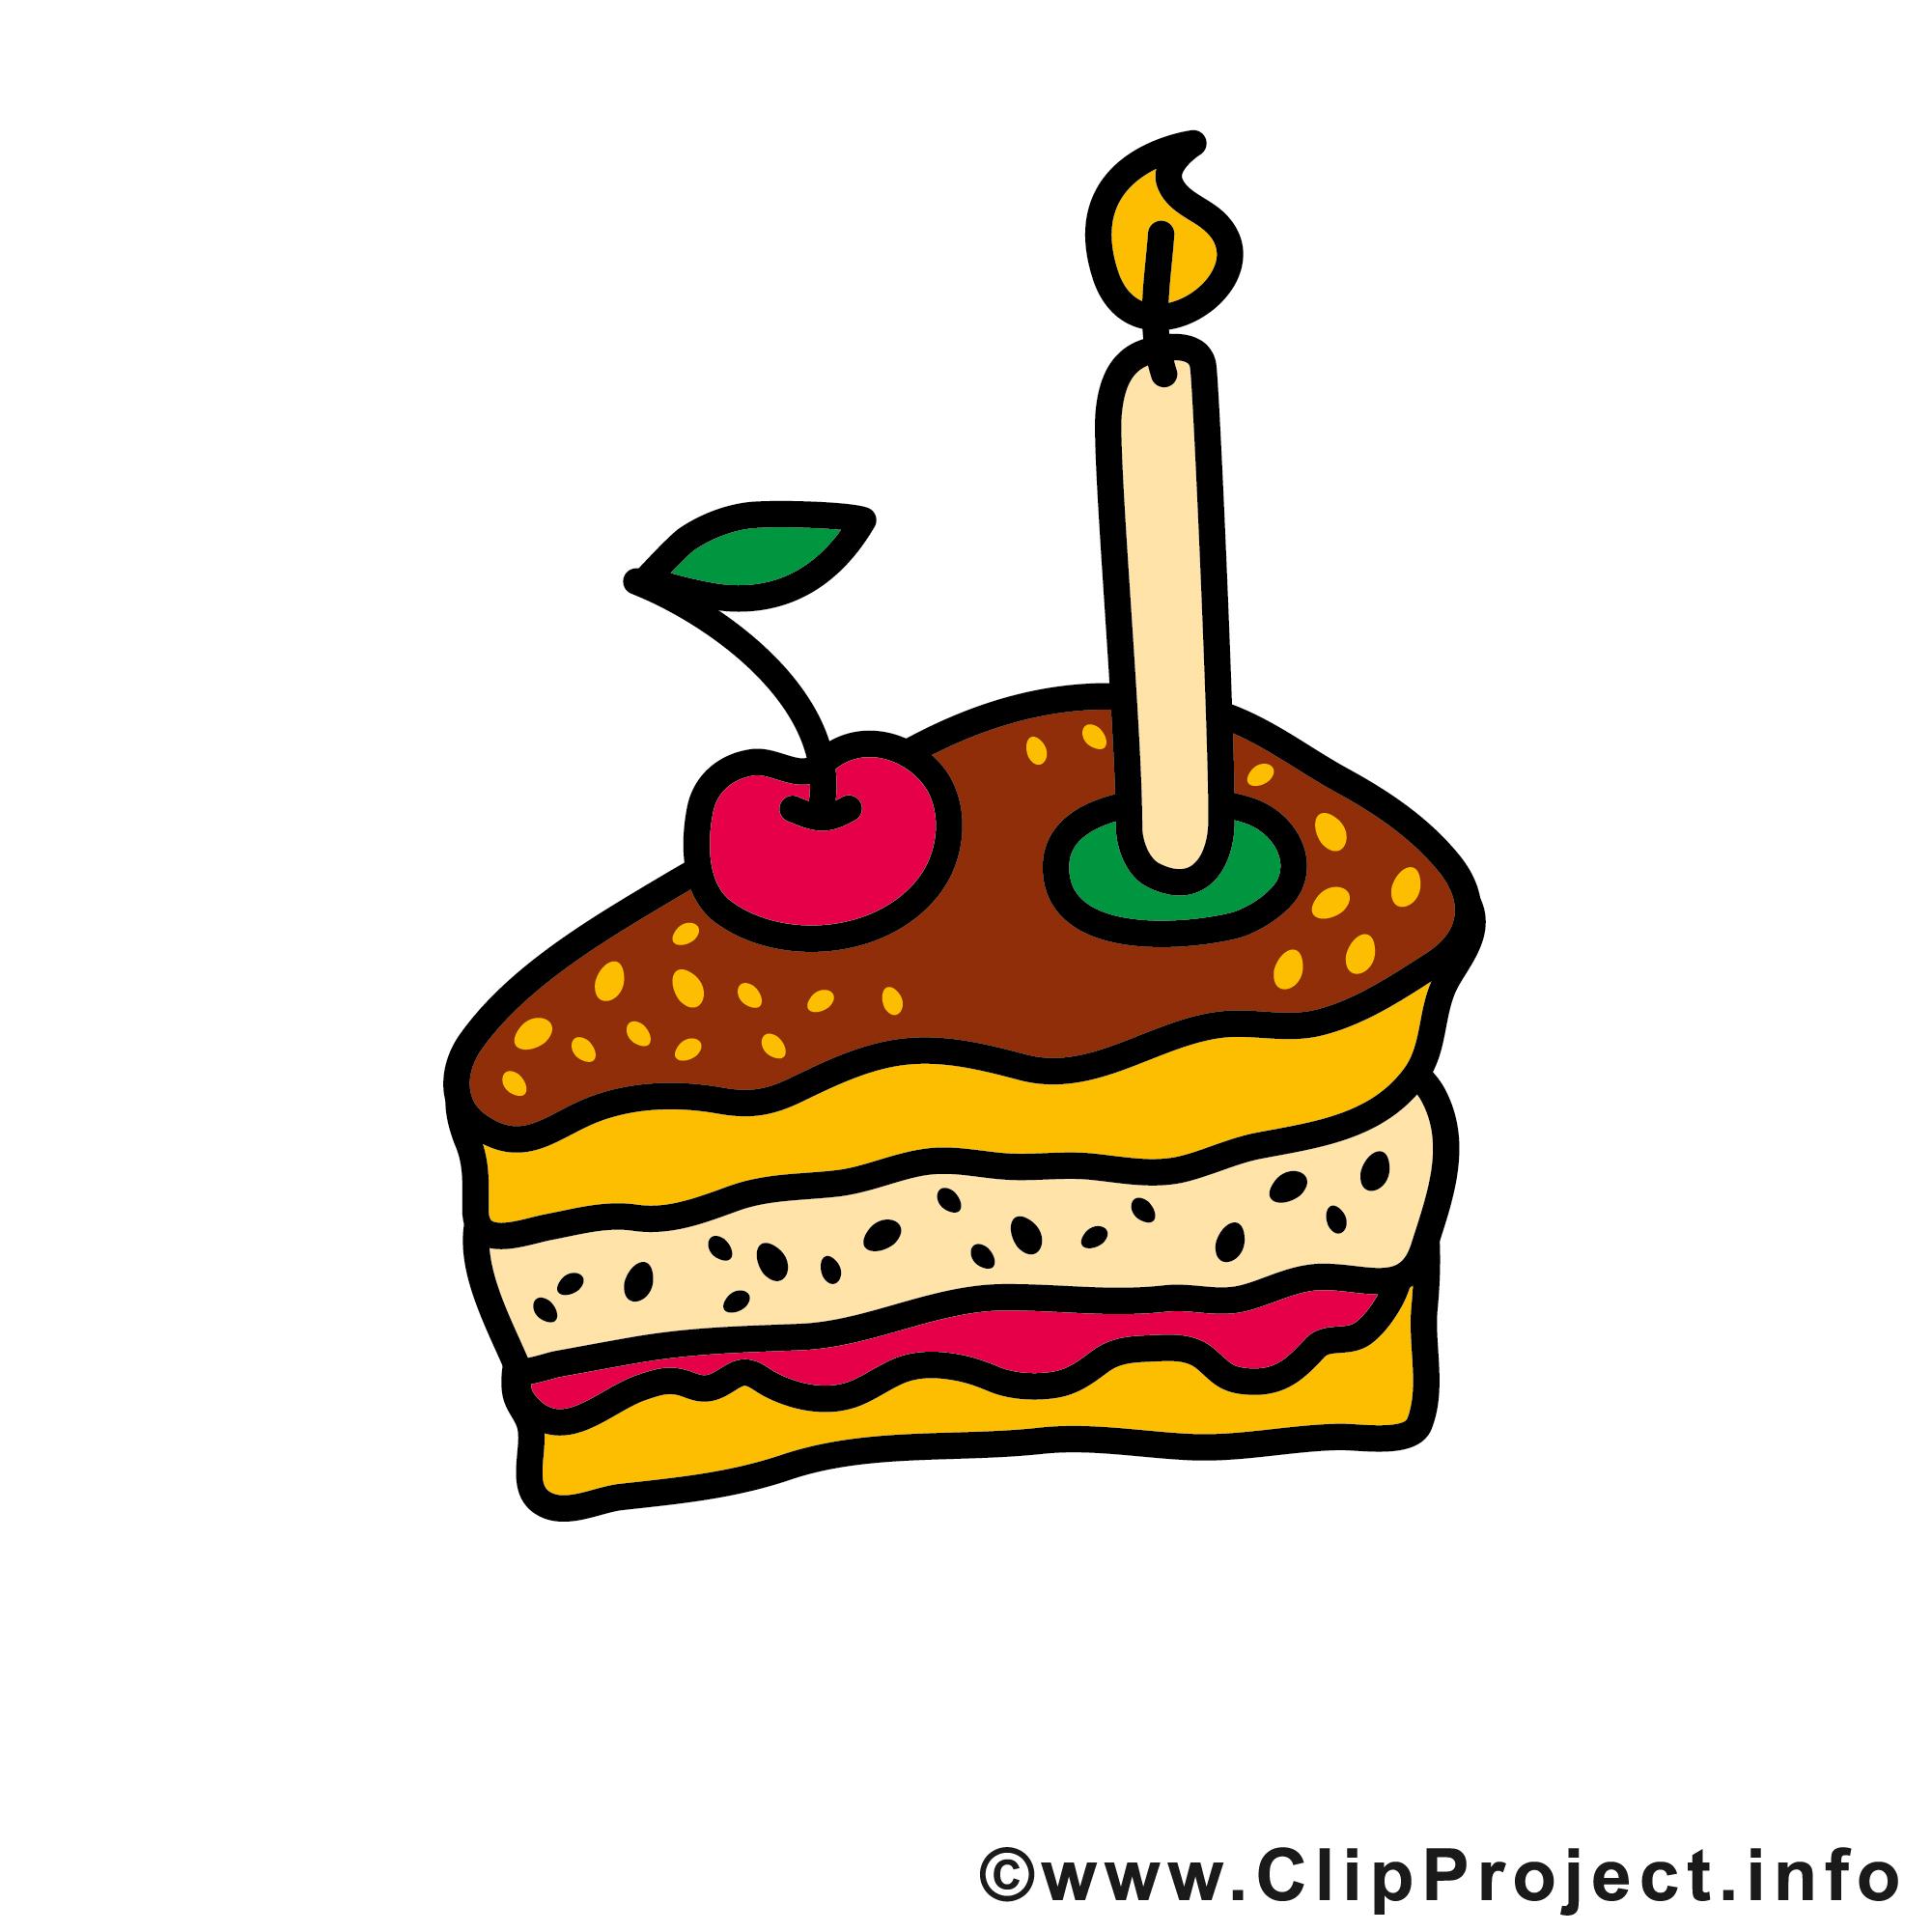 Torte zum Geburtstag Clipart Bilder kostenlos.